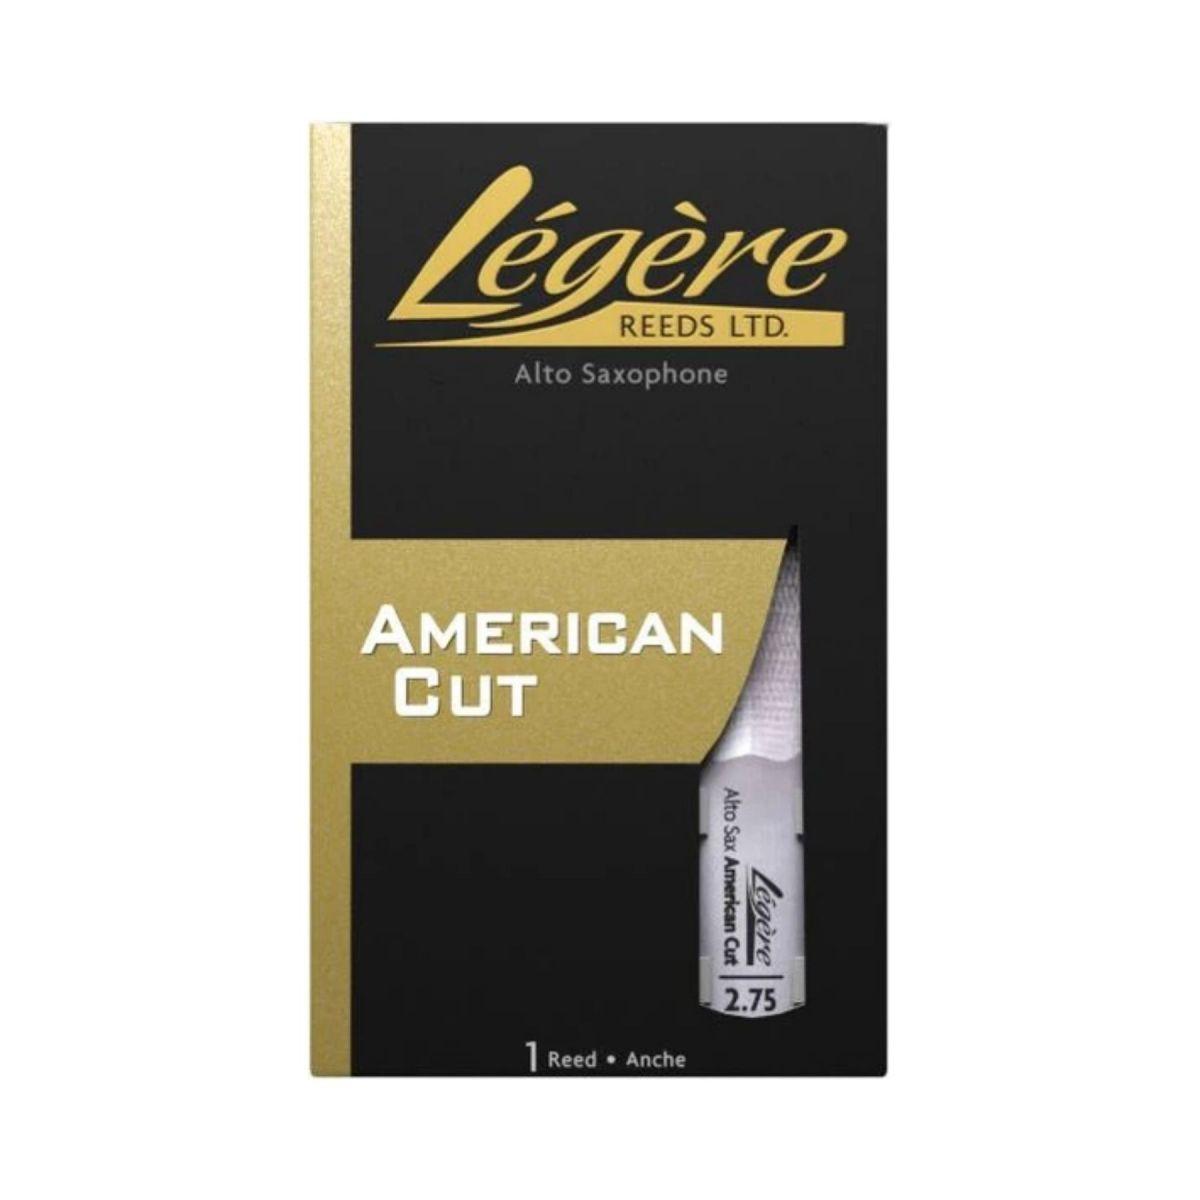 Ancia Sax Alto Legere American Cut n.2,75 singola